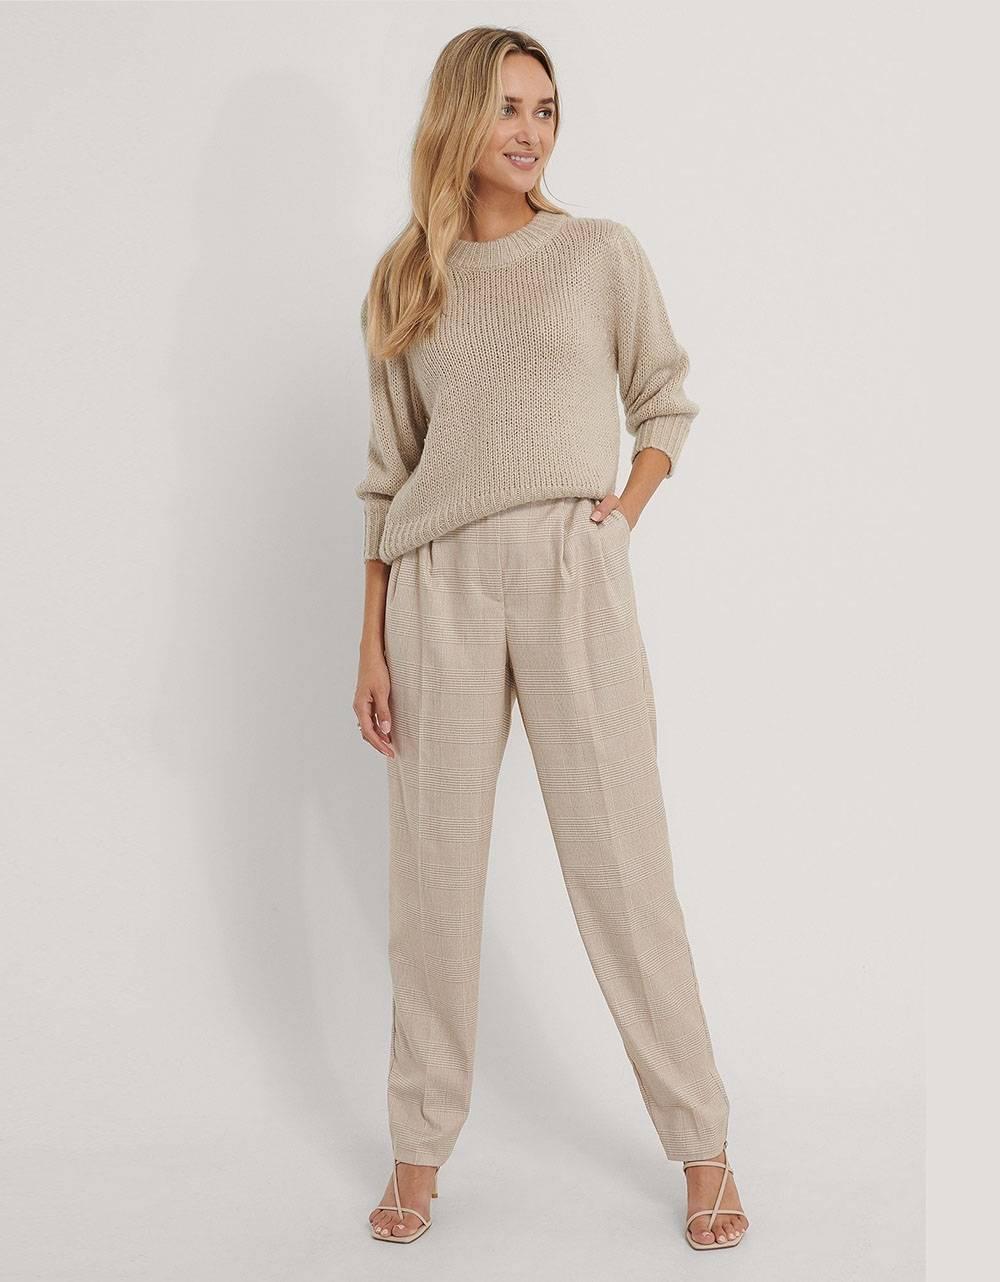 NA-KD pleat detail suit pants - check print NA-KD Pants 53,28€